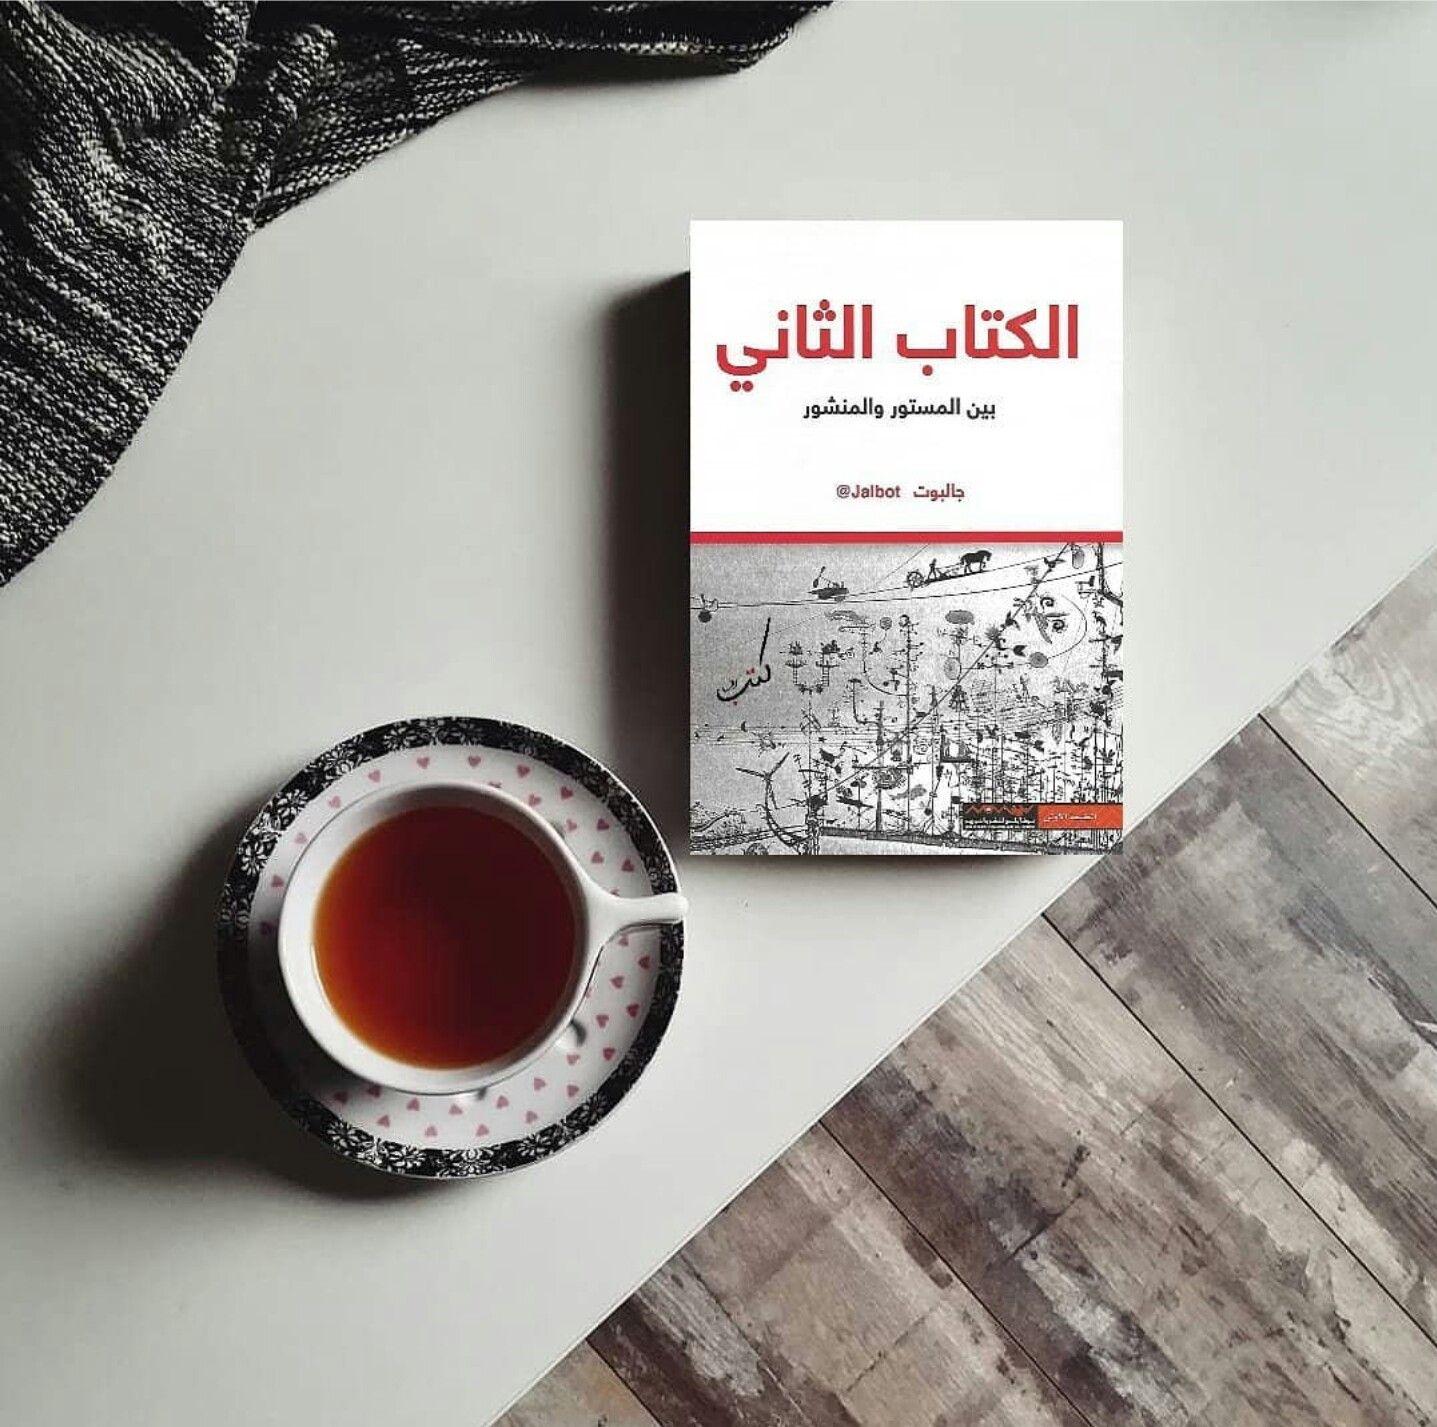 نظرية المؤامرة تحاول تفسير الأحداث السياسية أو الاجتماعية أو التاريخية على أنها لم تحدث من تلقاء نفسها وإنما تم ال Arabic Books Reading Library Library Books